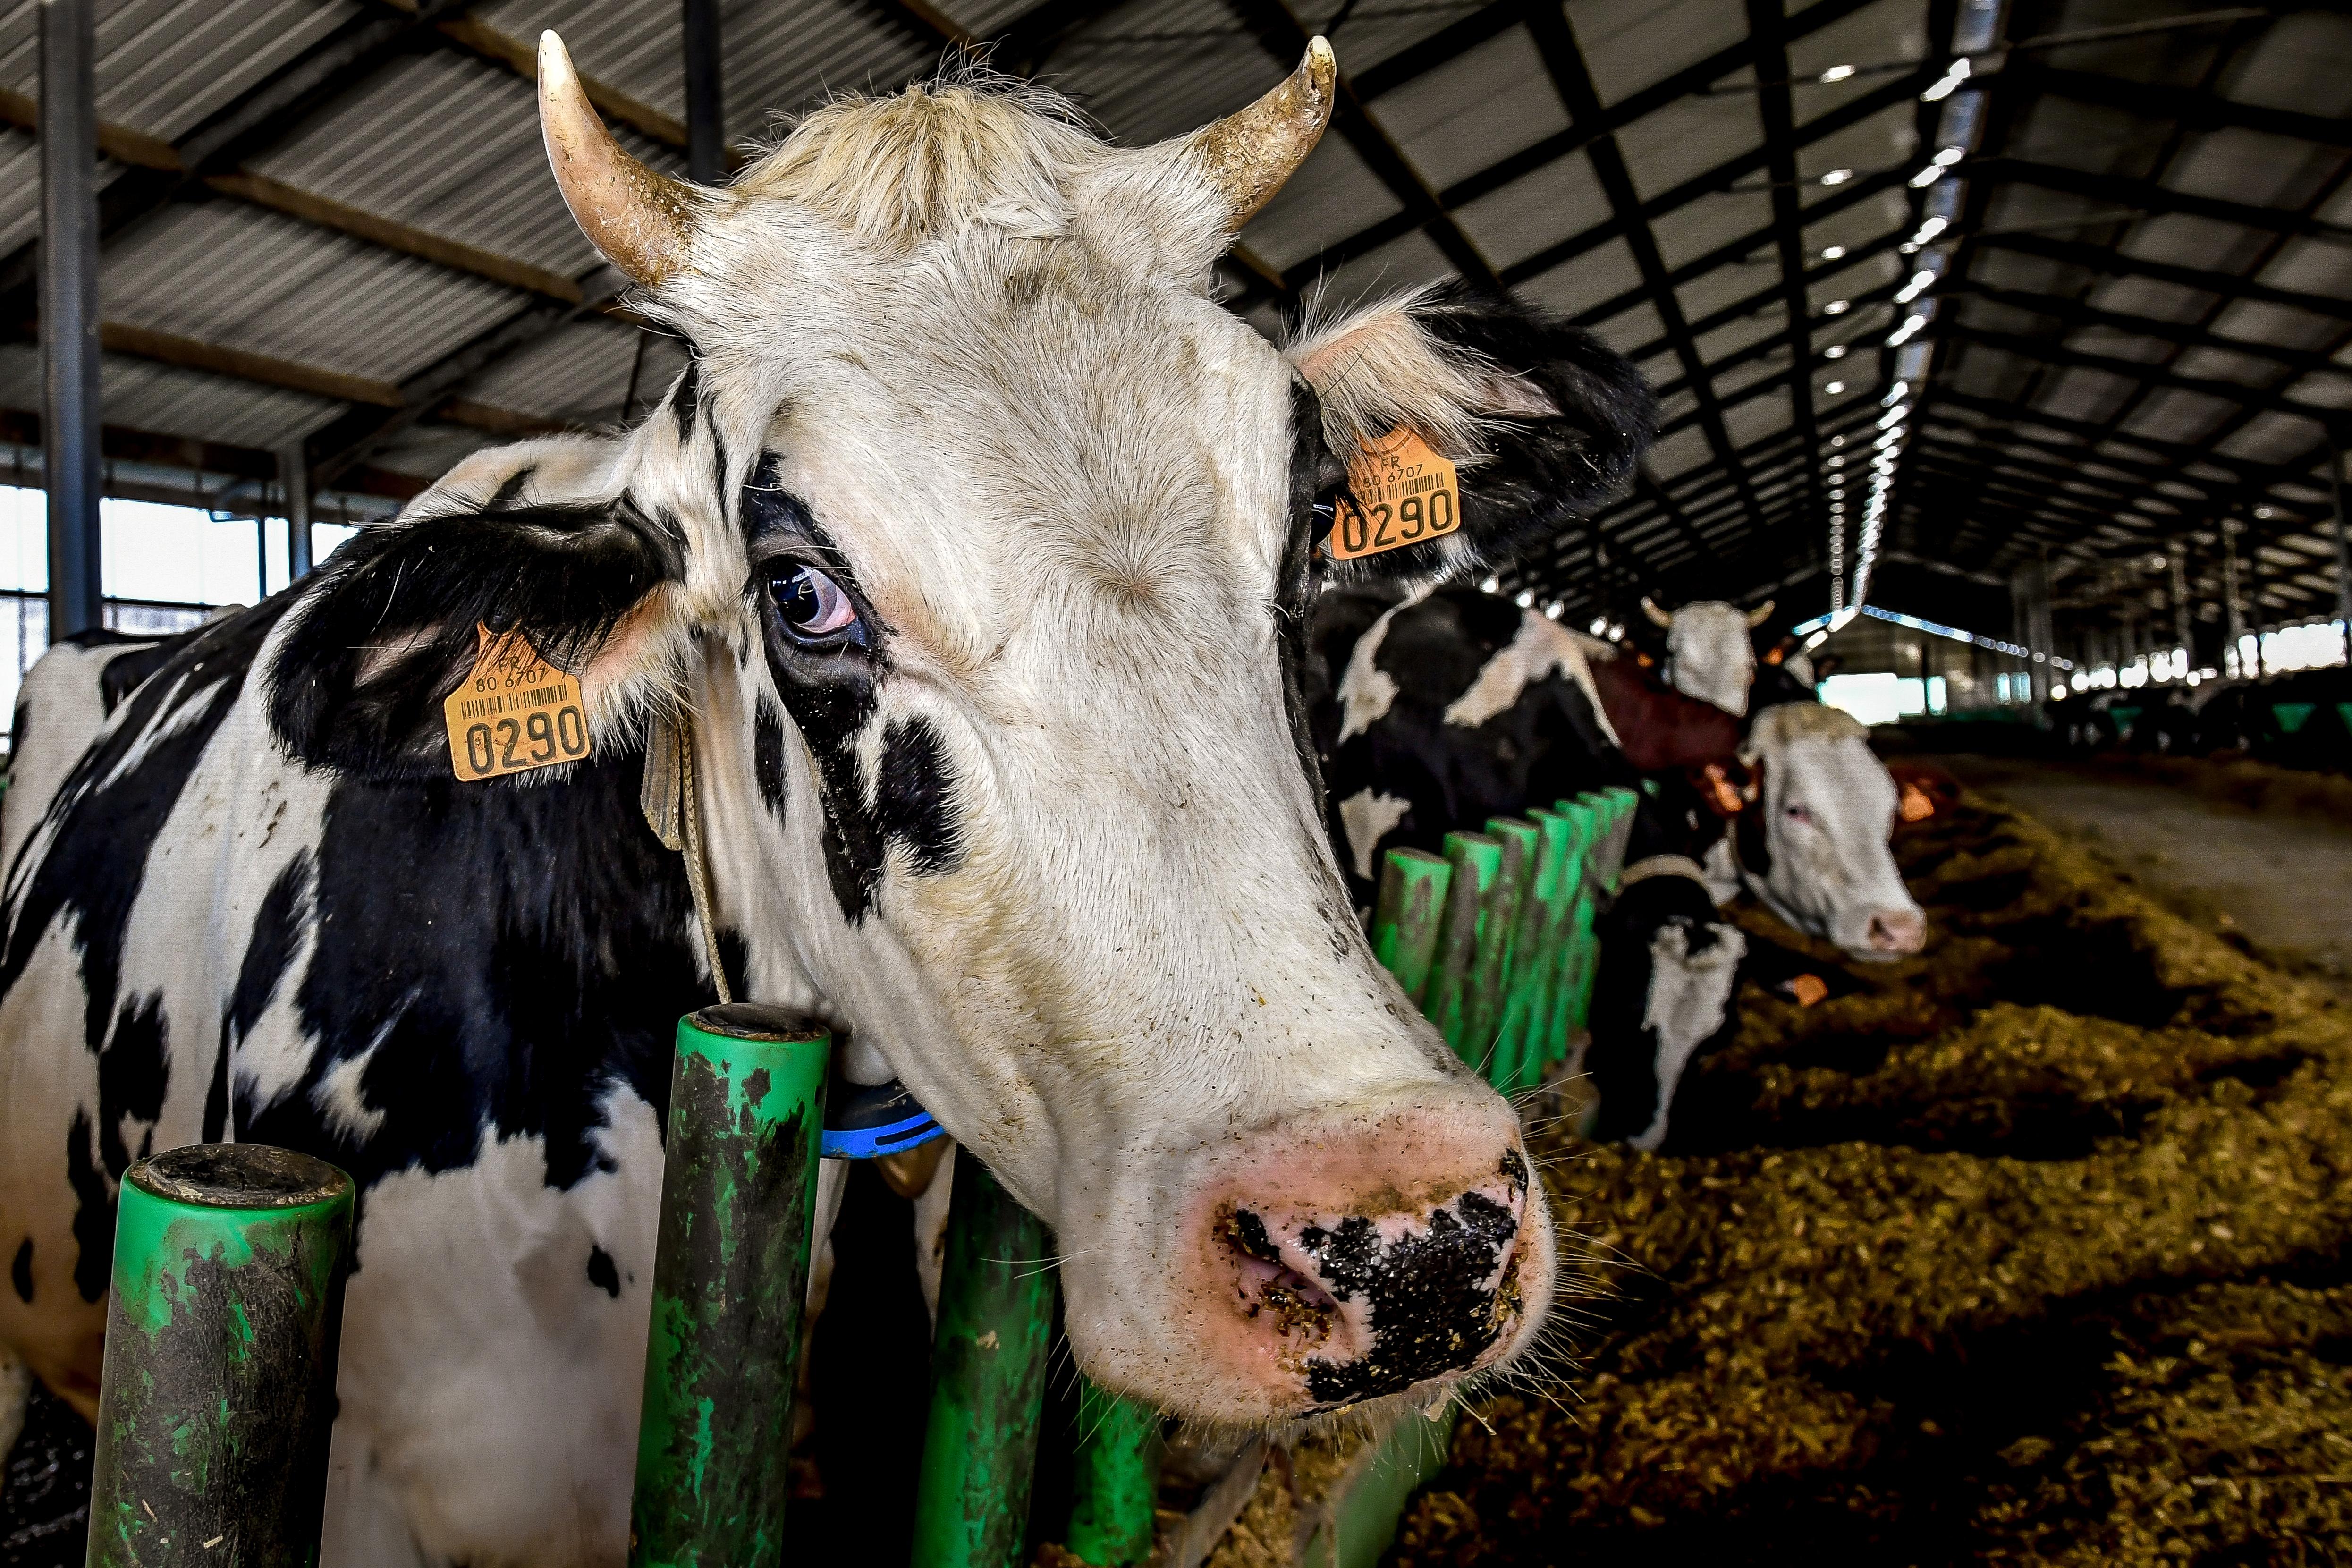 Kiakadt a tejszakma az olcsó penny-s importtej miatt